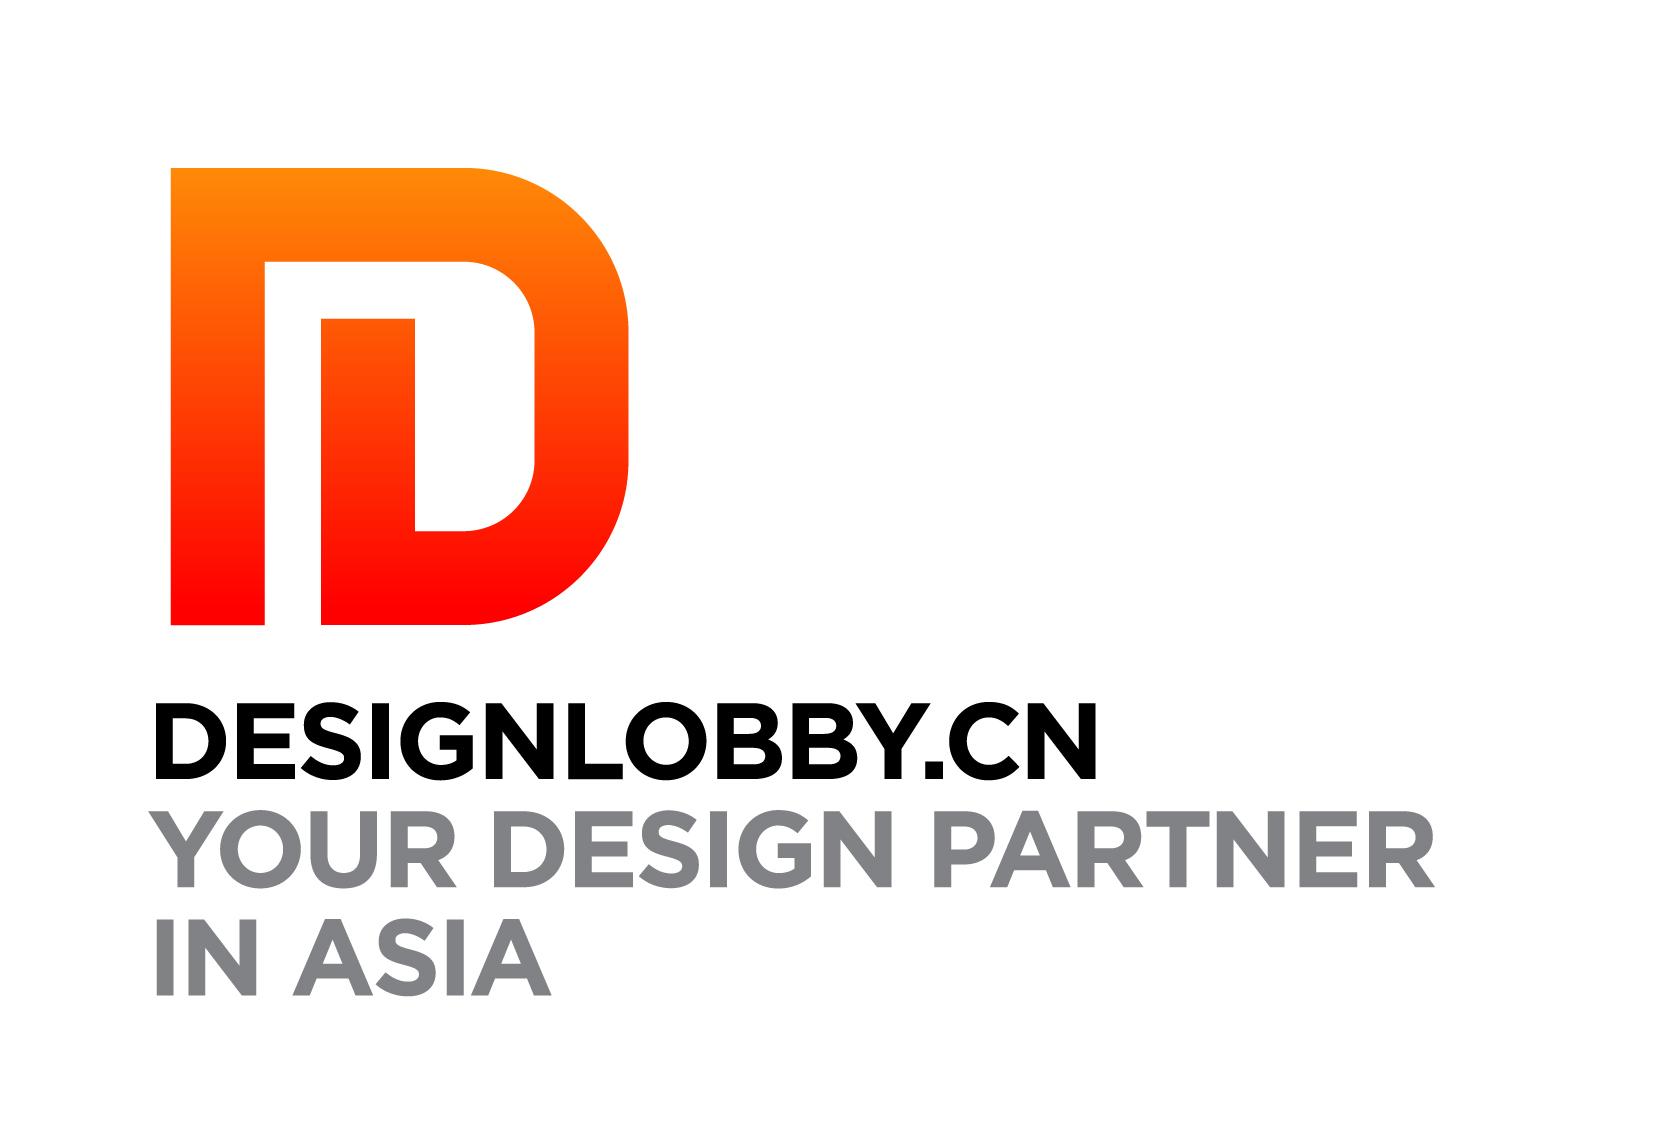 2012年北京设计周designloy.cn展览图片